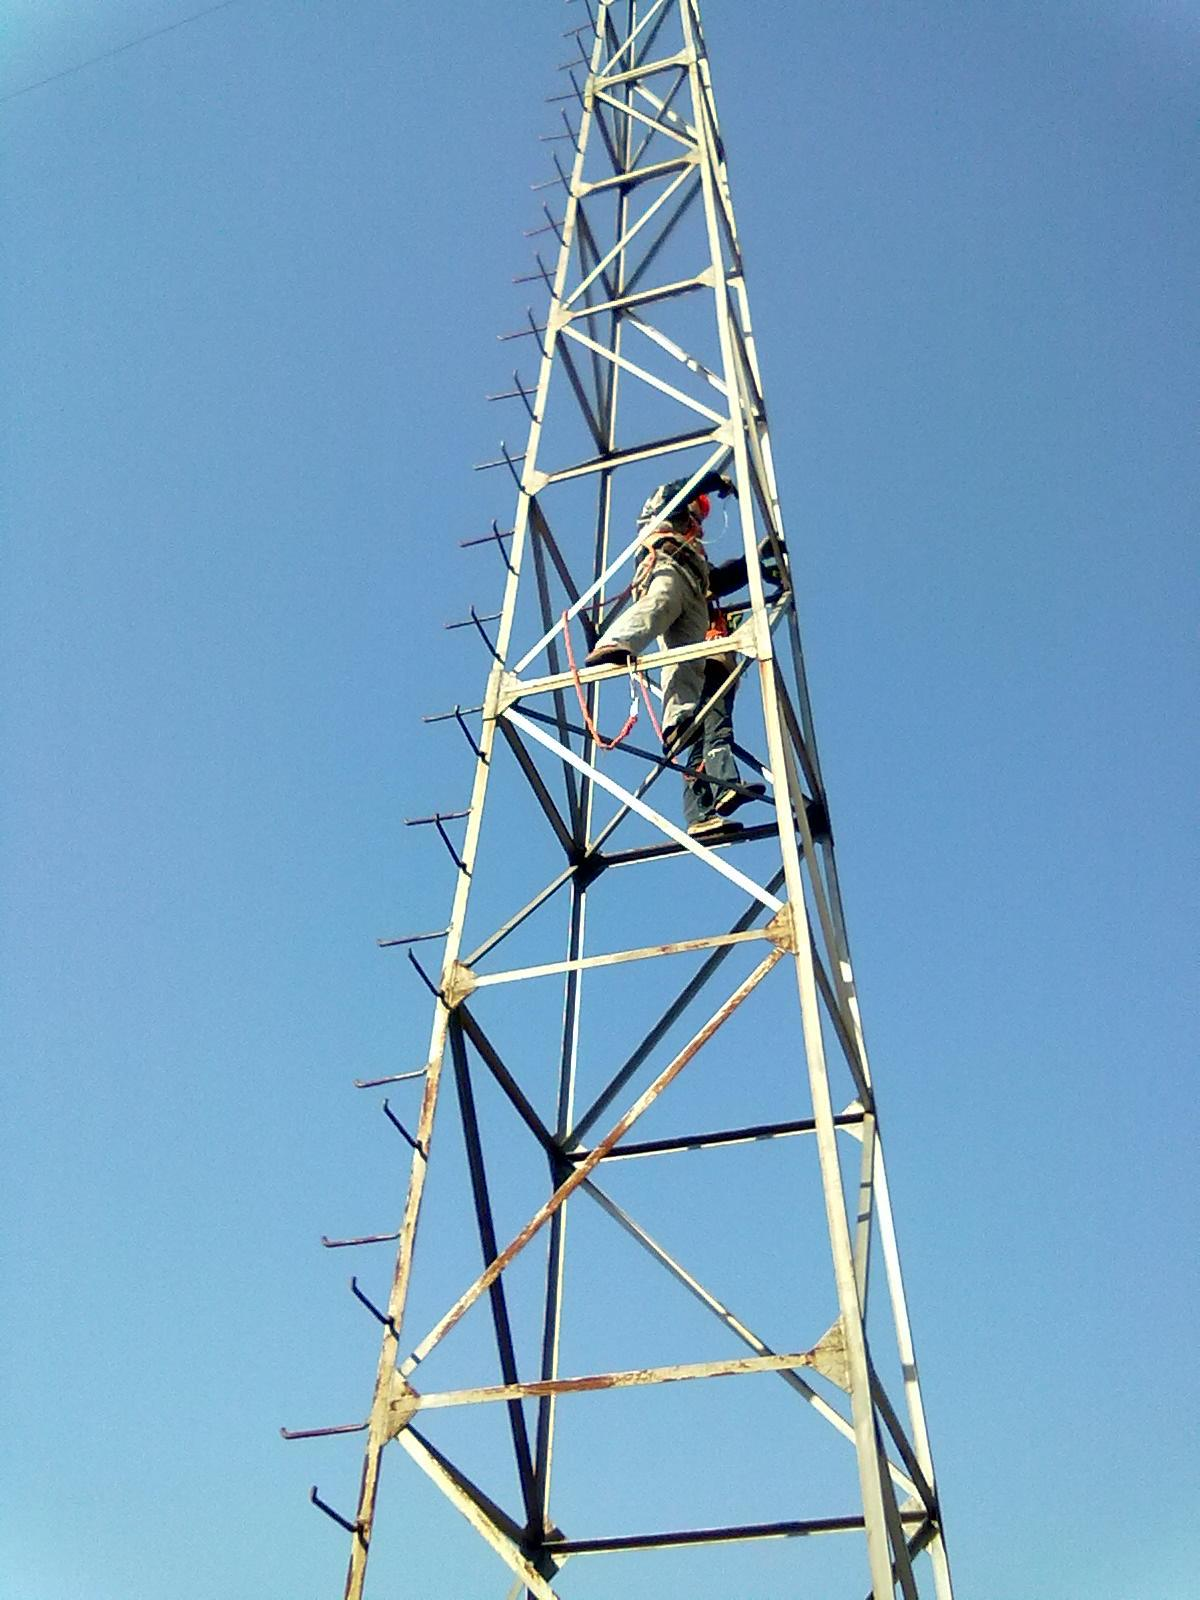 宜州铁塔防腐公司【欢迎您】 电视塔除锈刷油漆 铁塔拆除施工 通讯塔